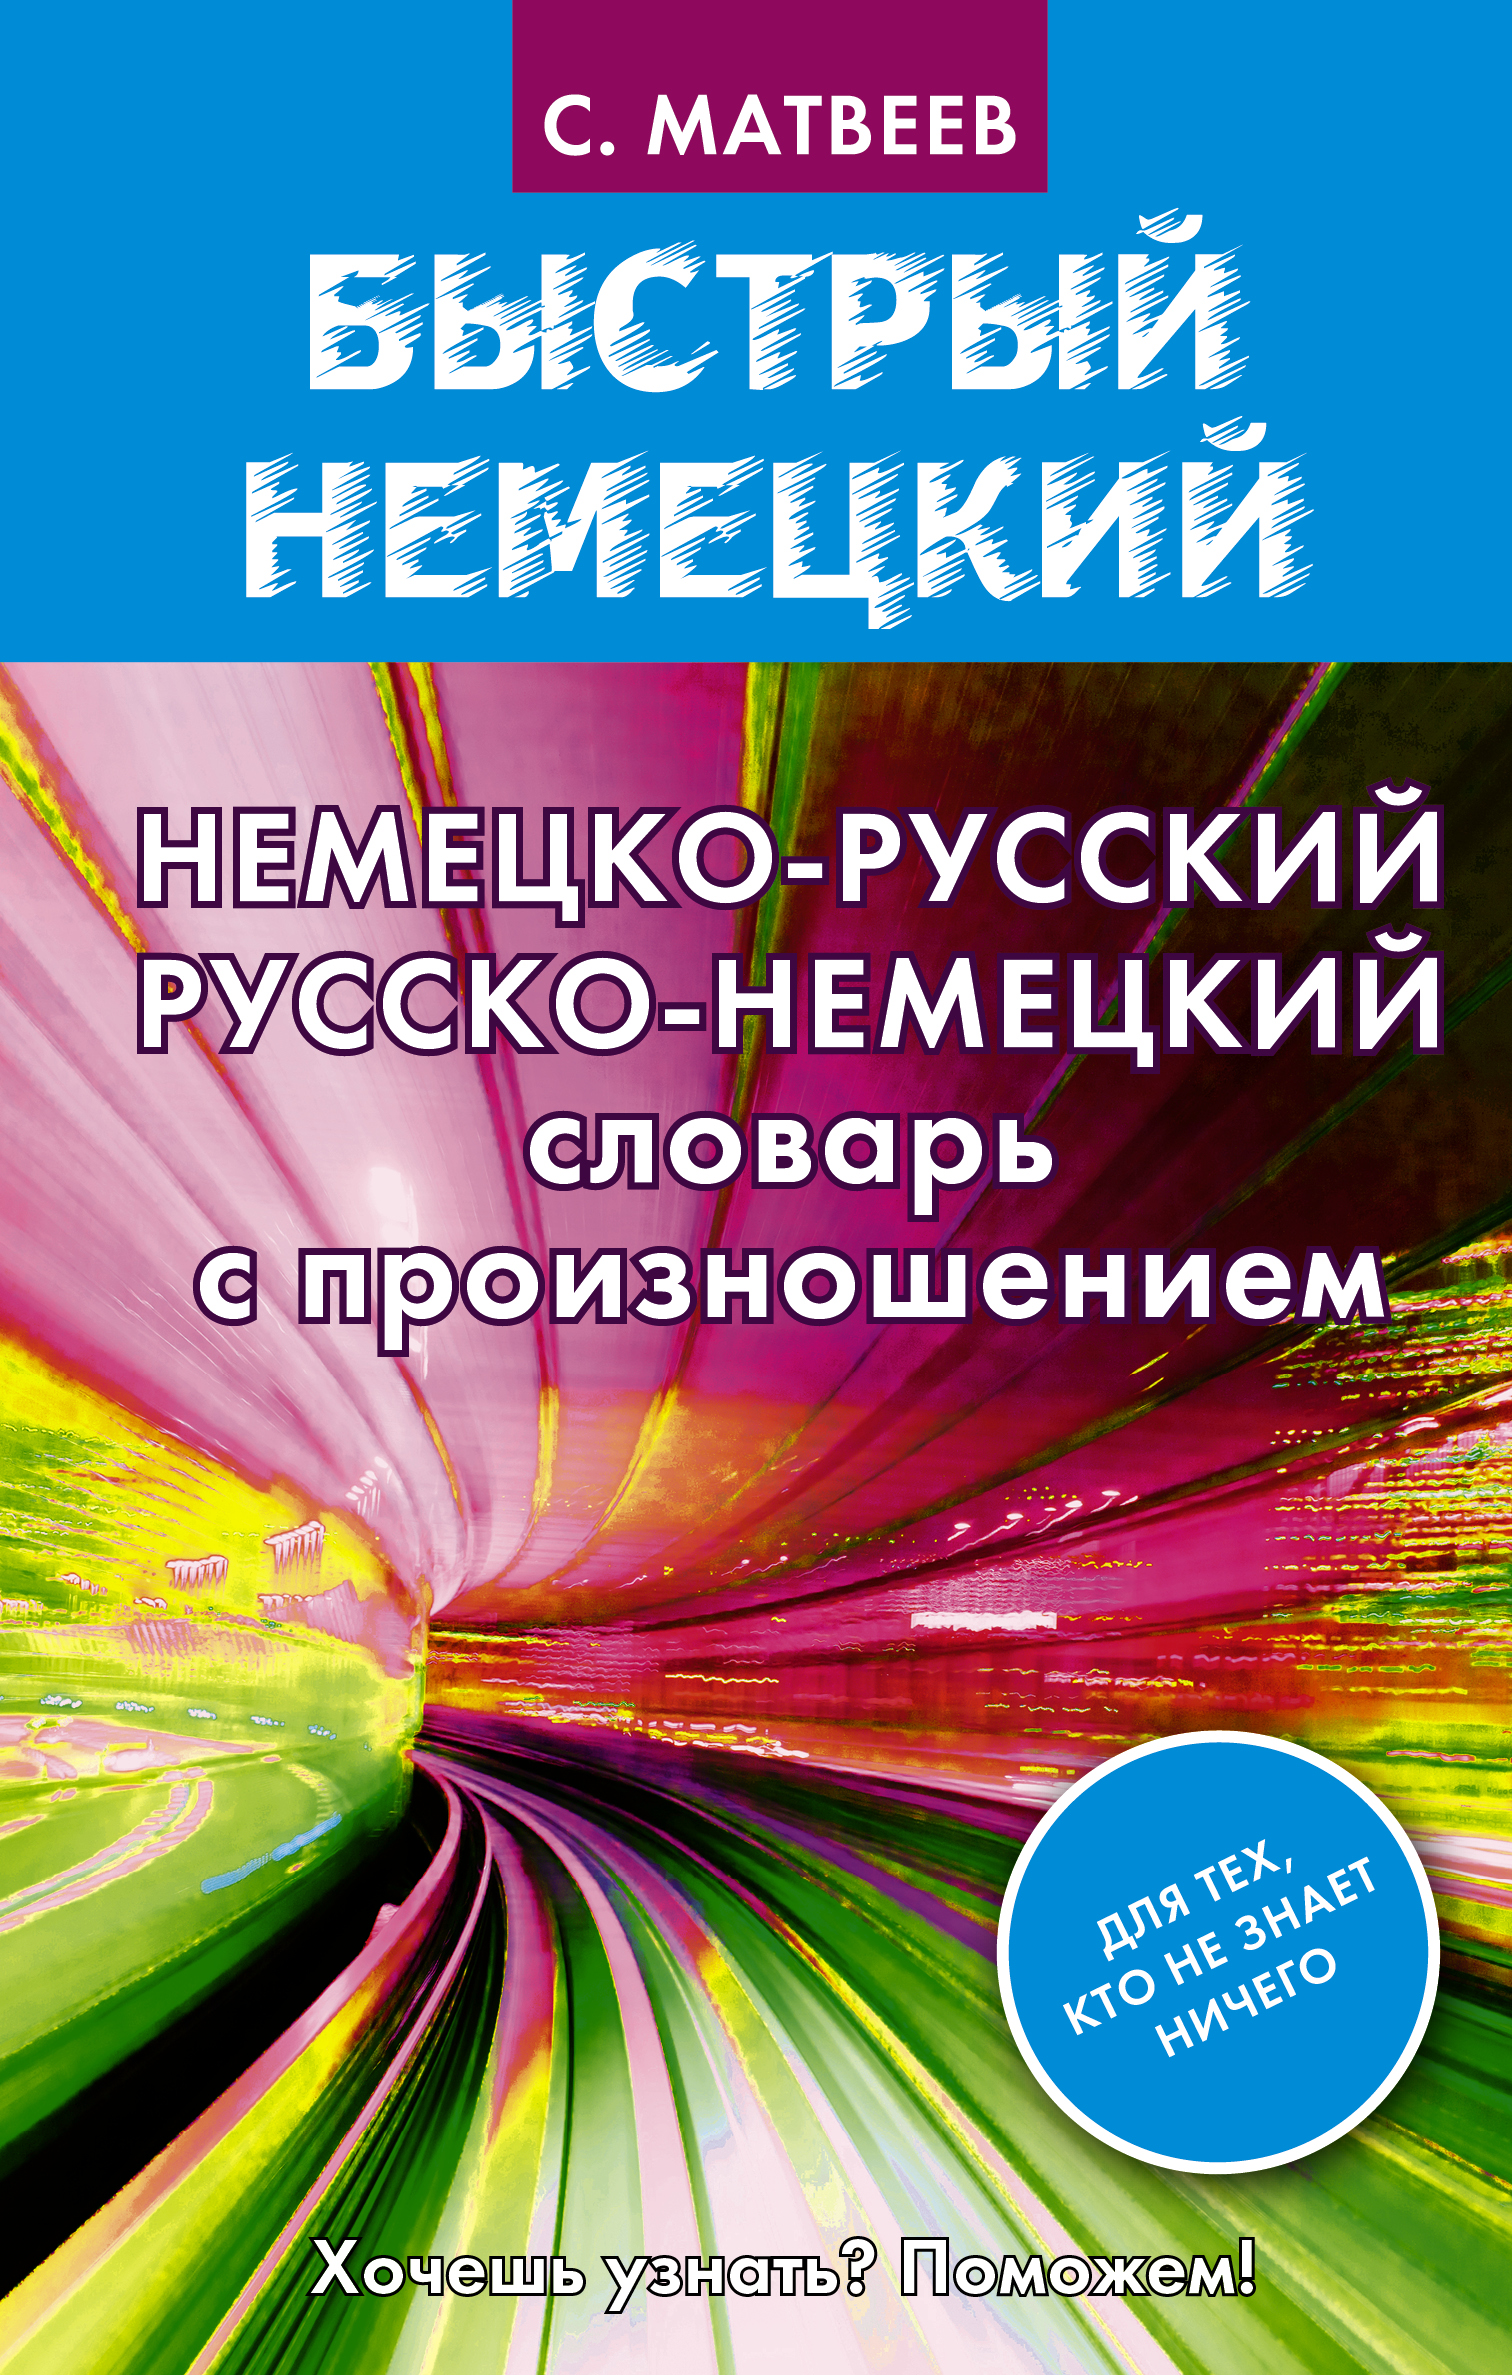 Матвеев С.А. Немецко-русский русско-немецкий словарь с произношением визуальный немецко русский словарь